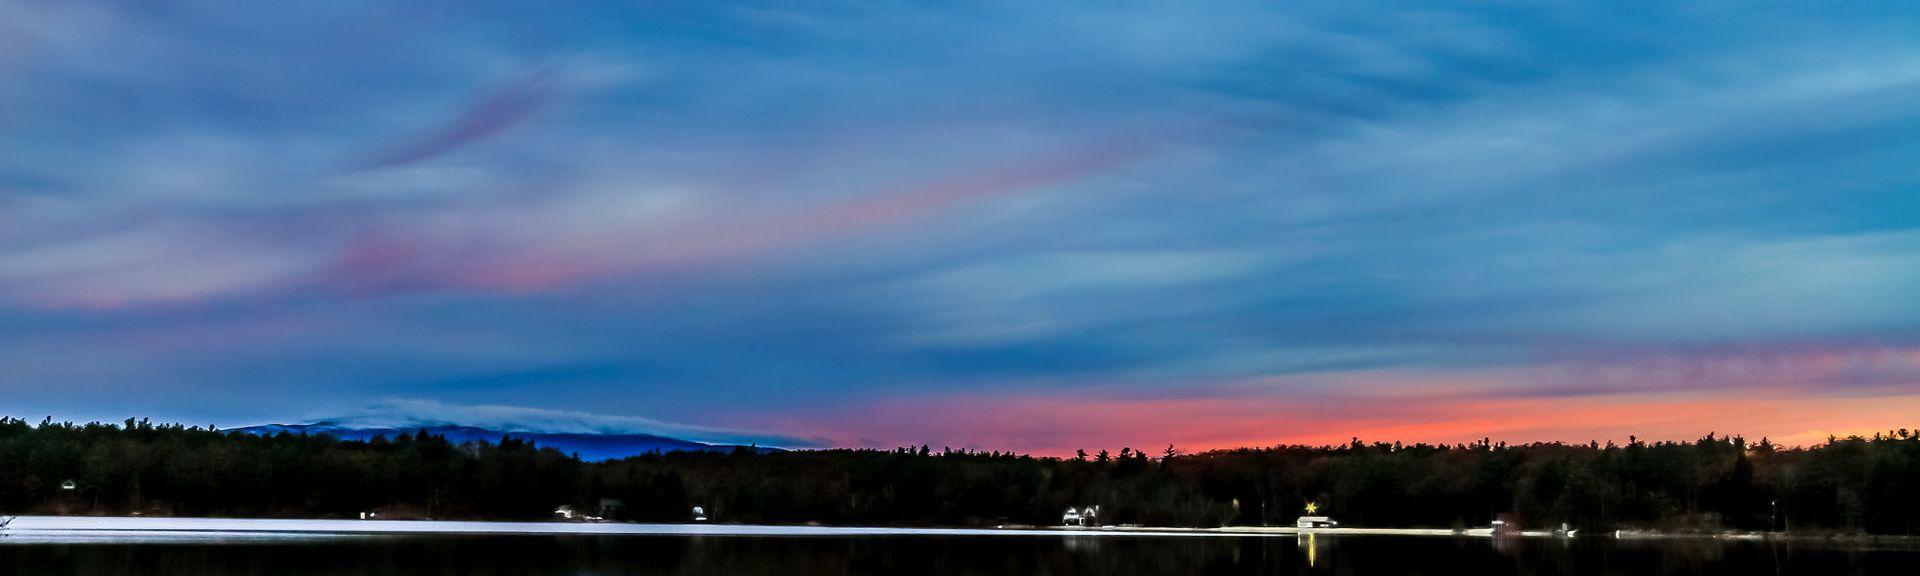 Ashburnham, Massachusetts, USA